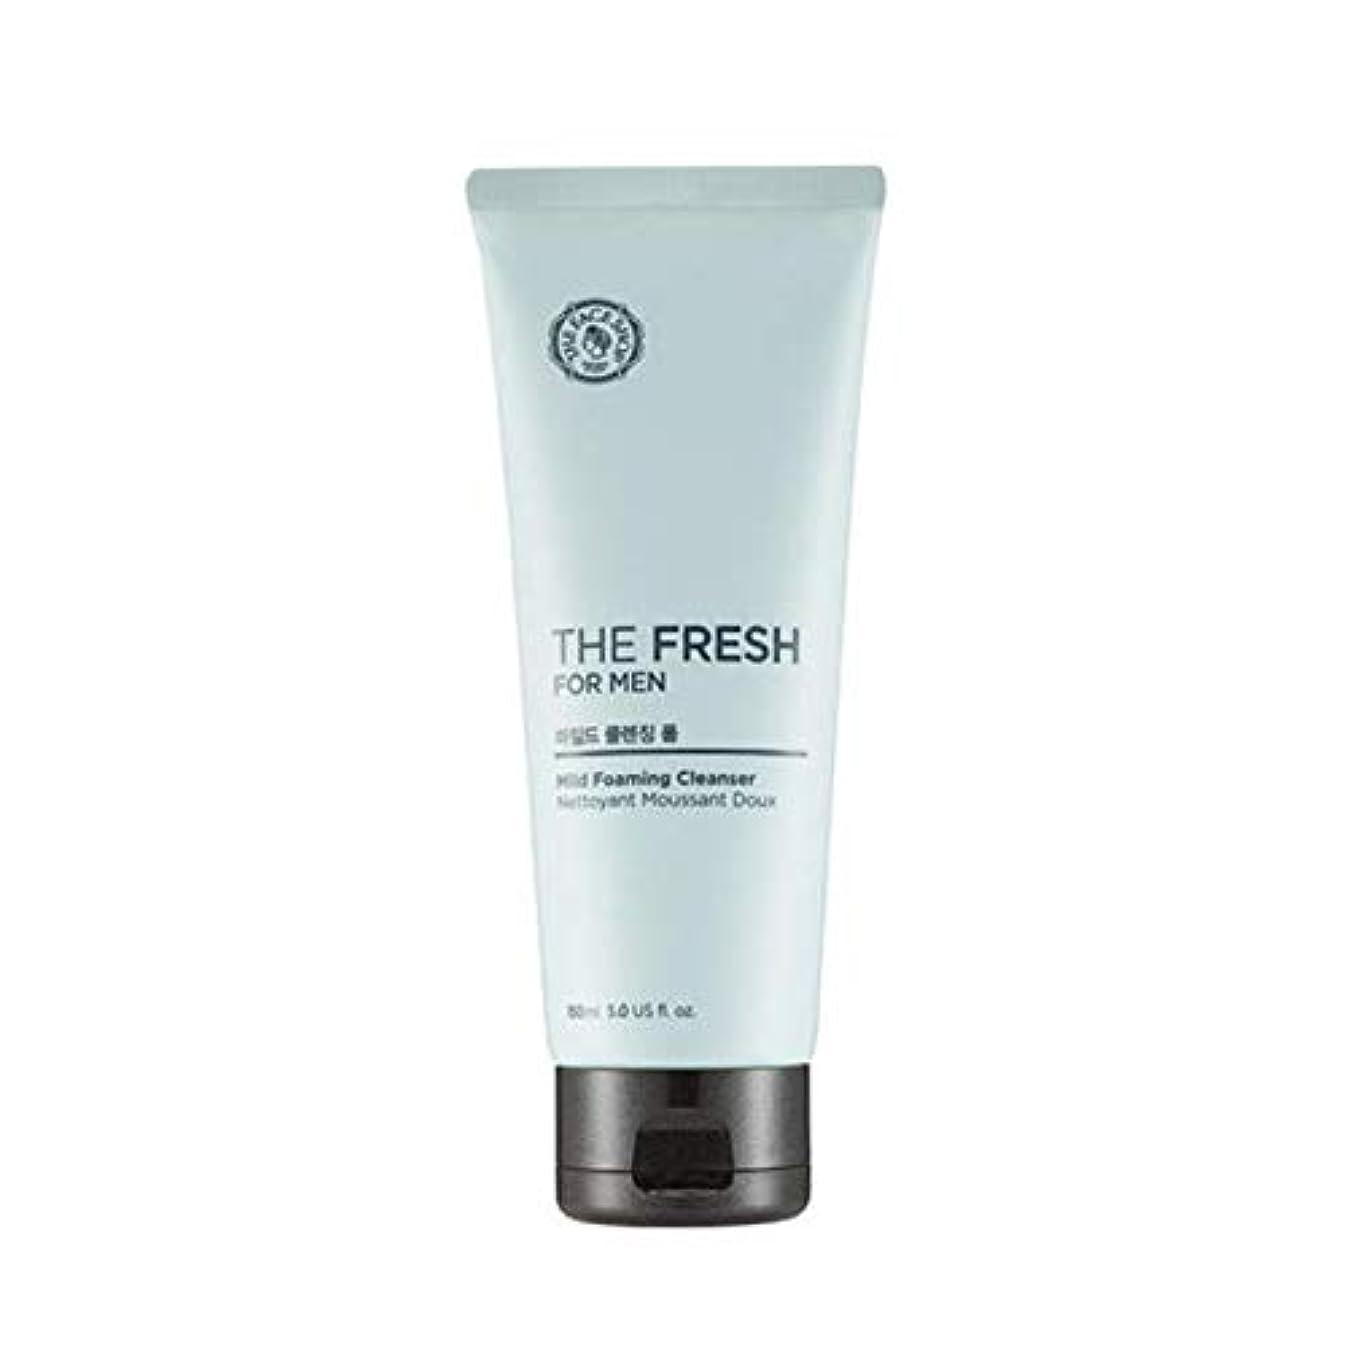 流行請求書話すザフェイスショップ ザフレッシュフォーメンマイルドフォーミングクレンザー 150ml / THE FACE SHOP The Fresh For Men Mild Foaming Cleanser 150ml [並行輸入品]